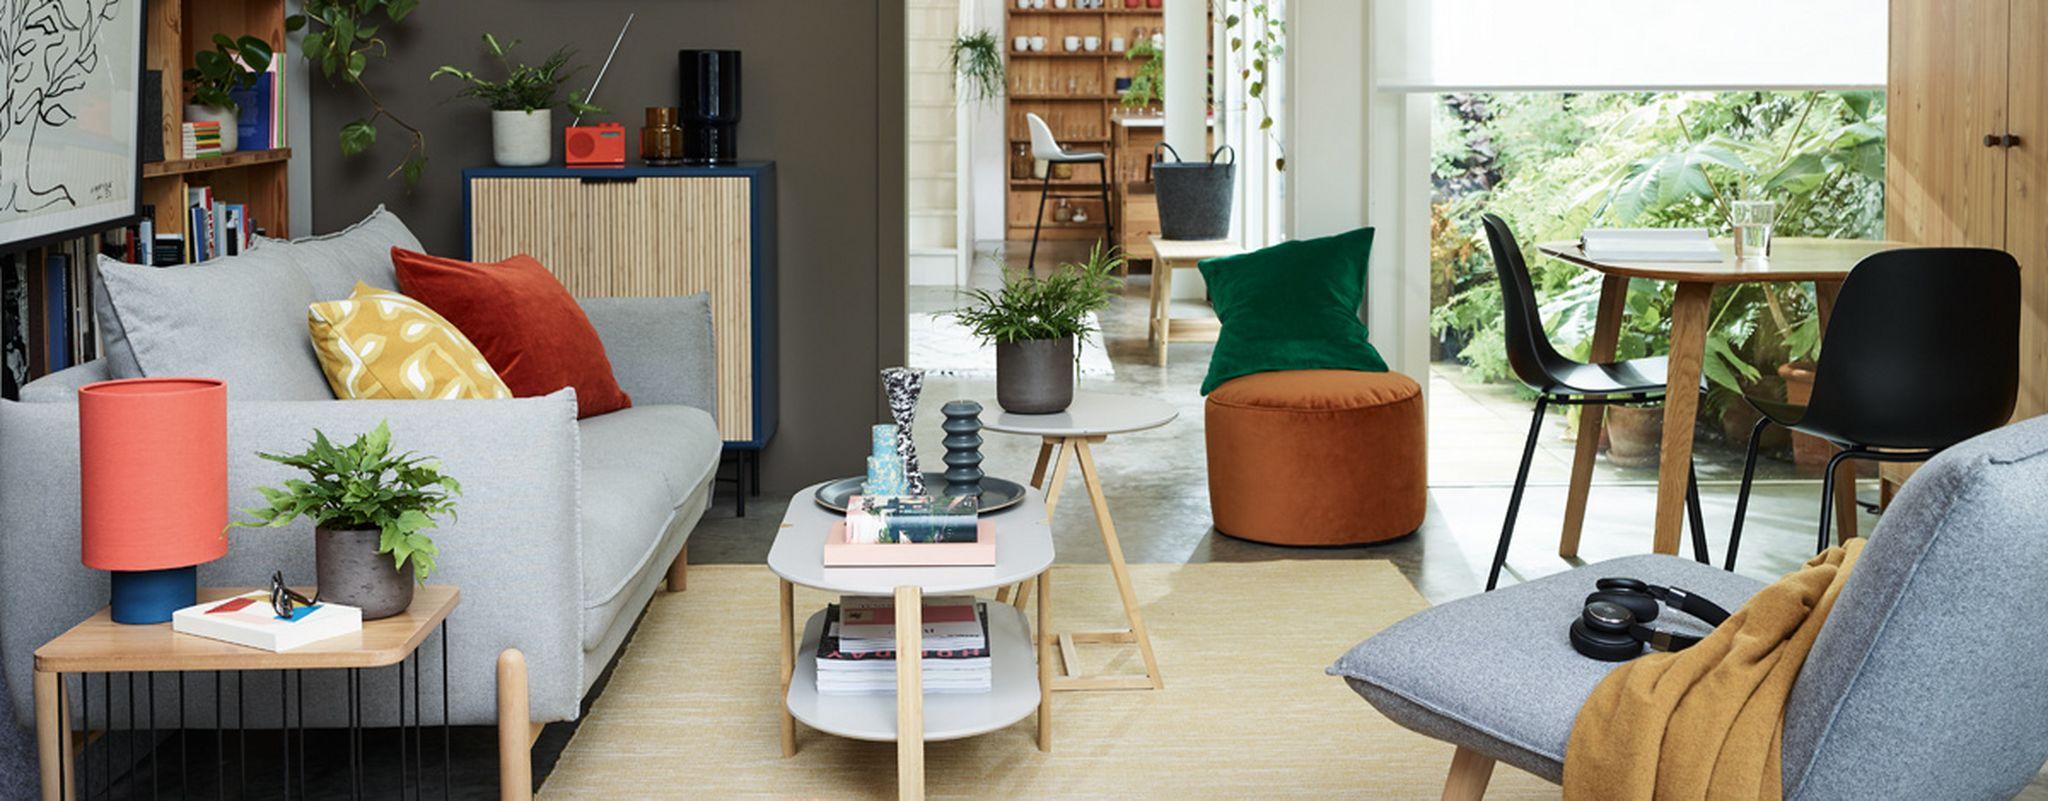 Home Design Service